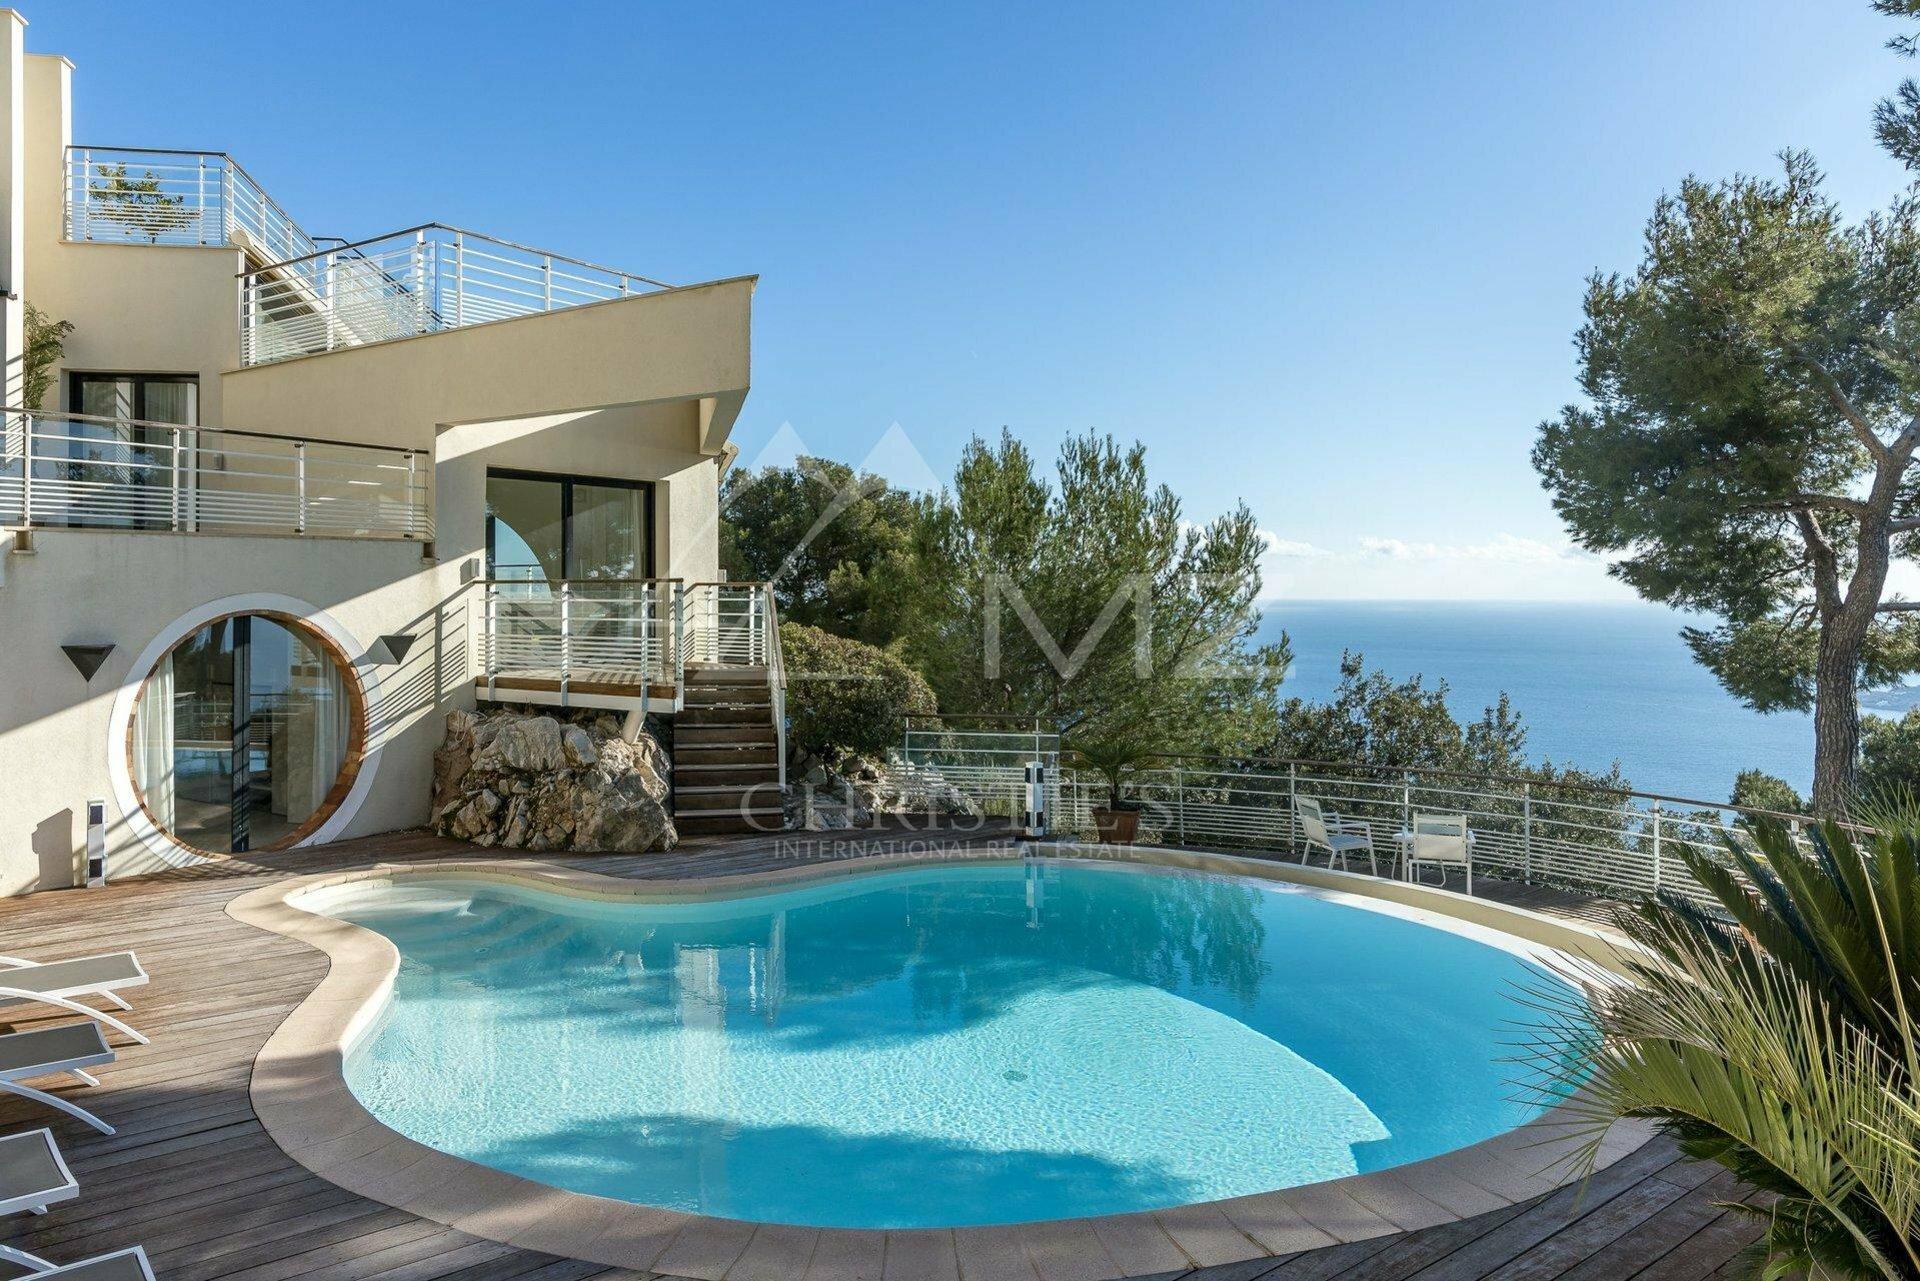 Villa in Villefranche-sur-Mer, Provence-Alpes-Côte d'Azur, France 1 - 11084350